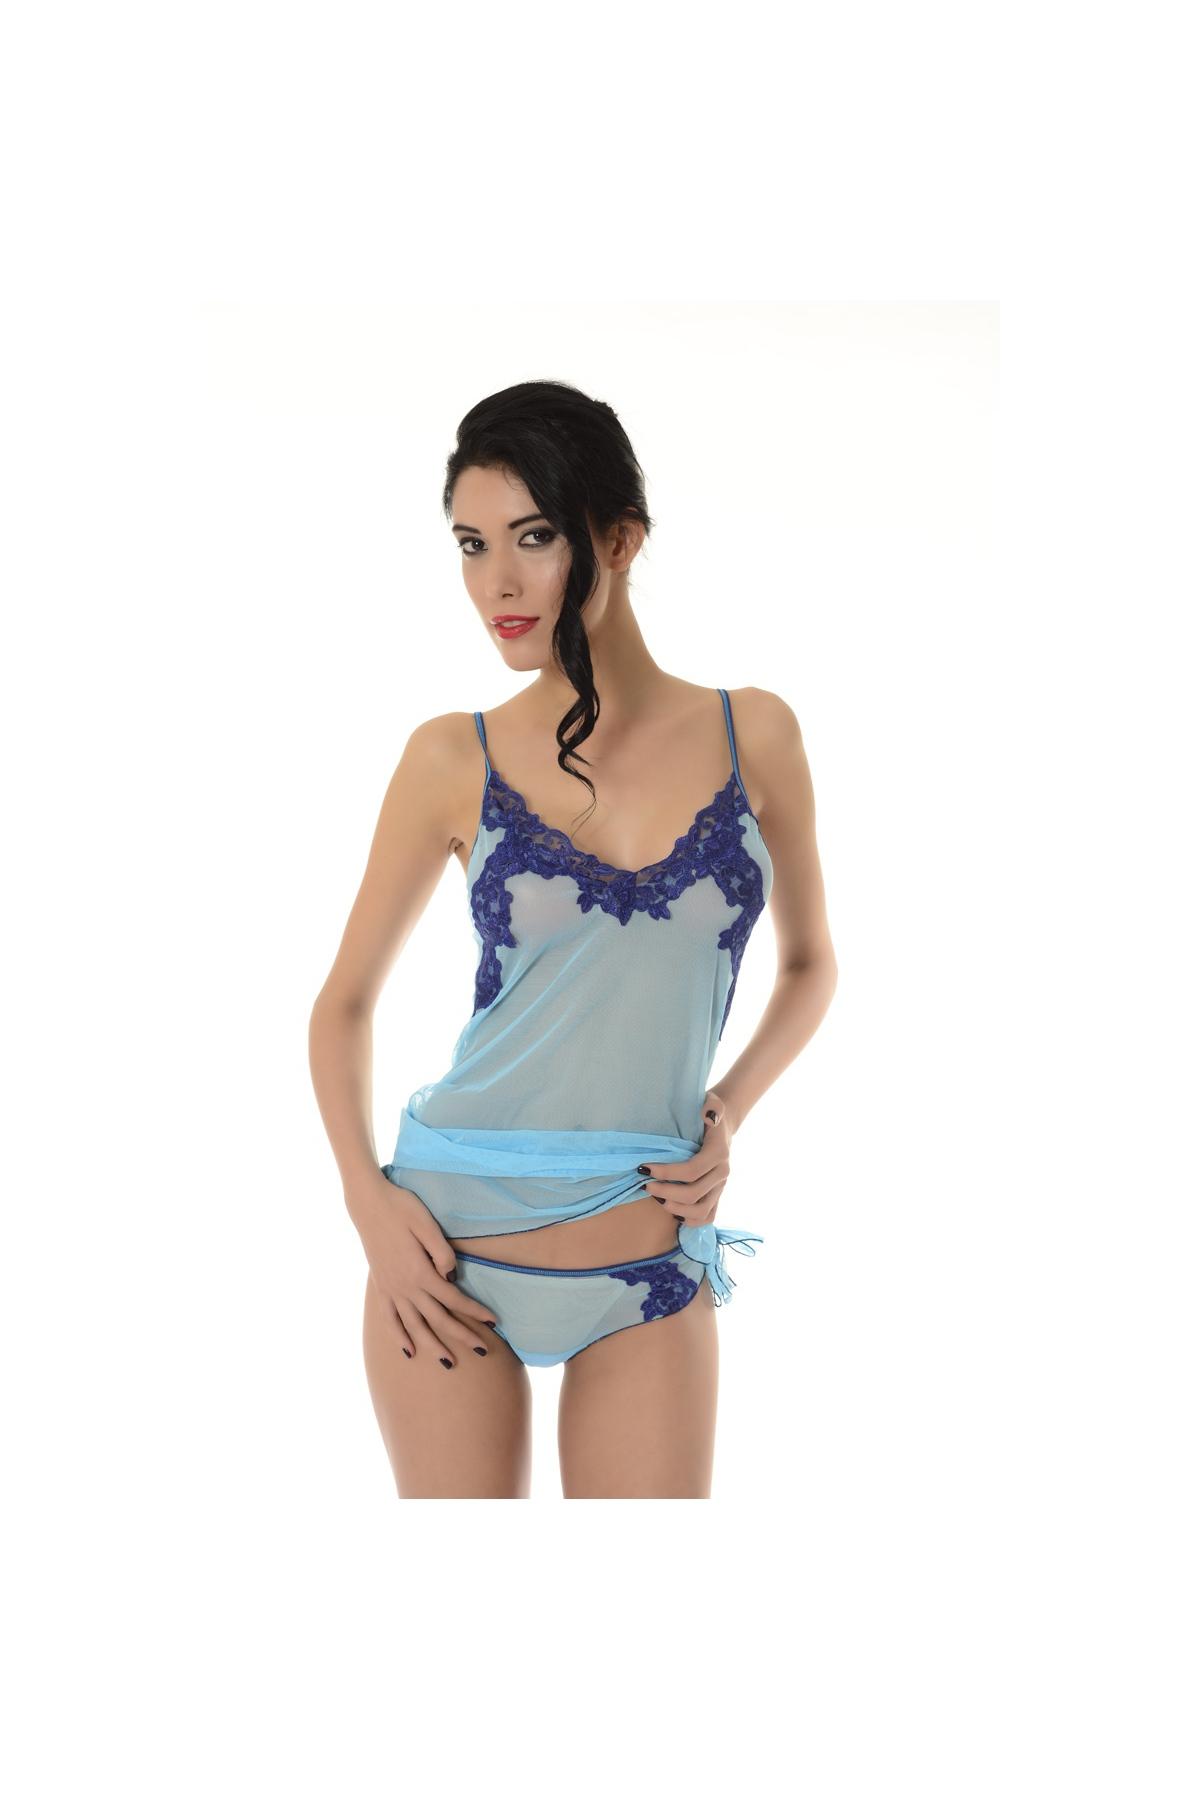 Τούλι και δαντέλα νυχτικό και γυναίκες που Σέξι Μπόξερ 882 cd3898f945e